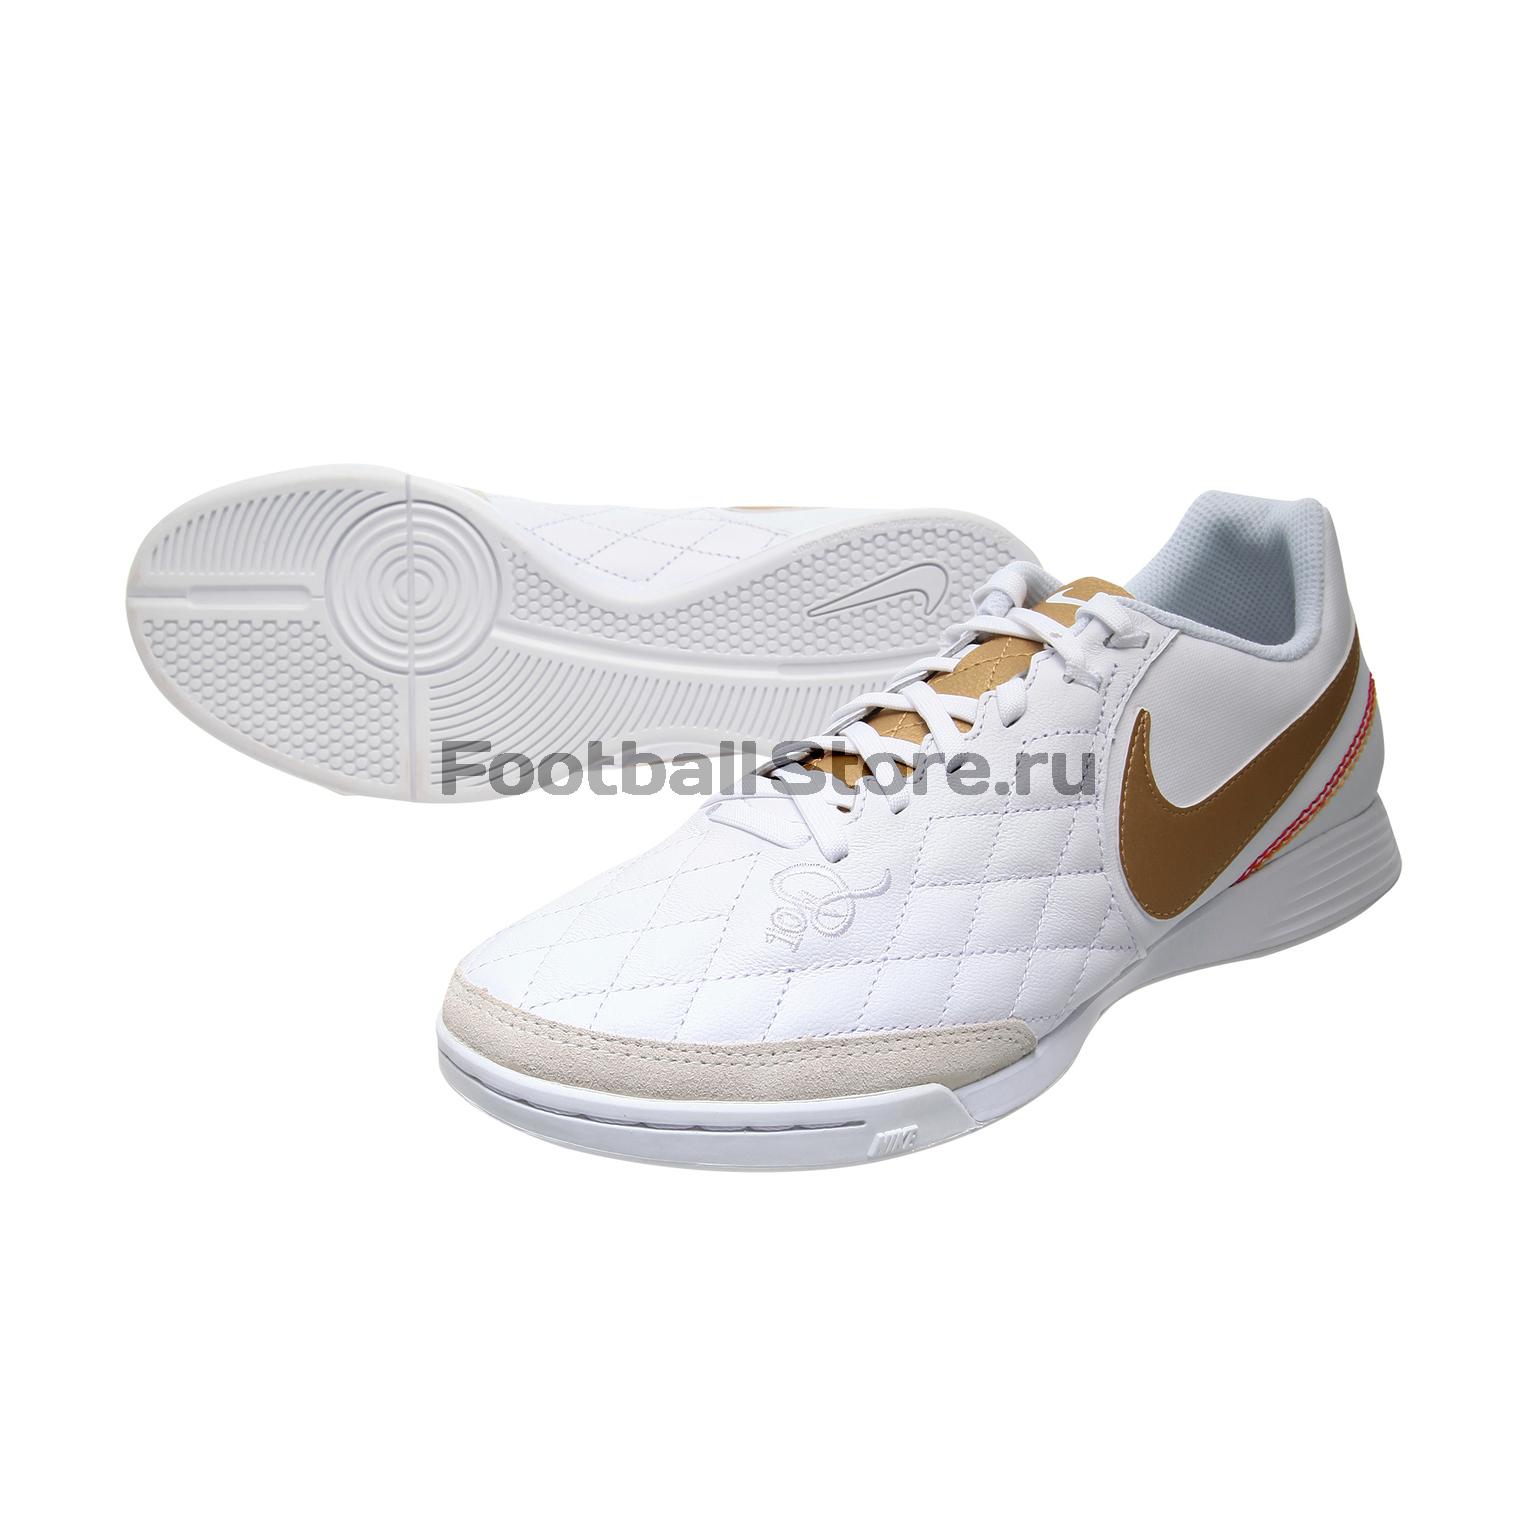 Обувь для зала Nike Ronaldinho Legend 7 Academy IC AQ2217-171 ... aaa2418005d